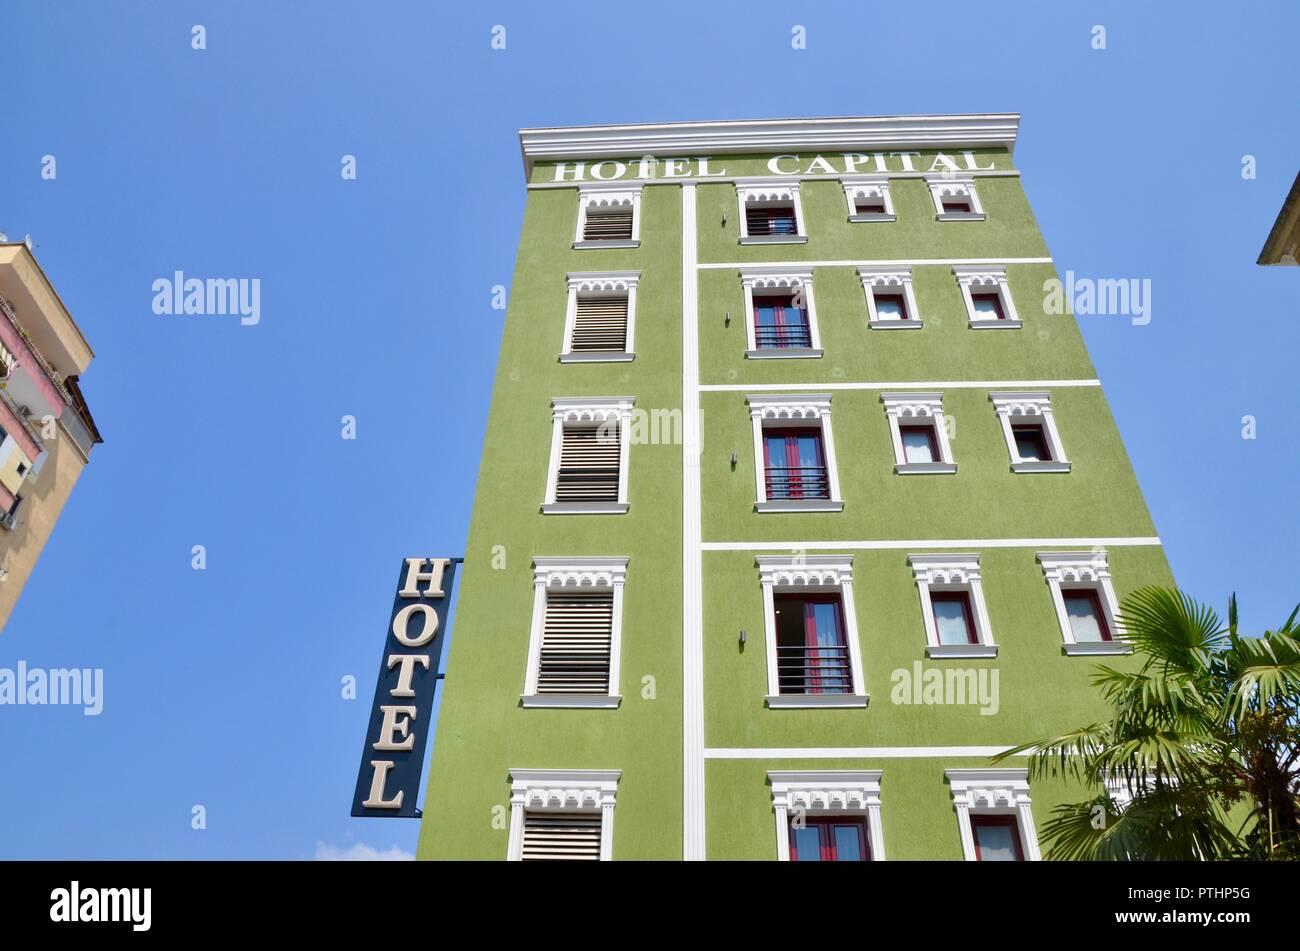 the hotel capital in tirana albania - Stock Image